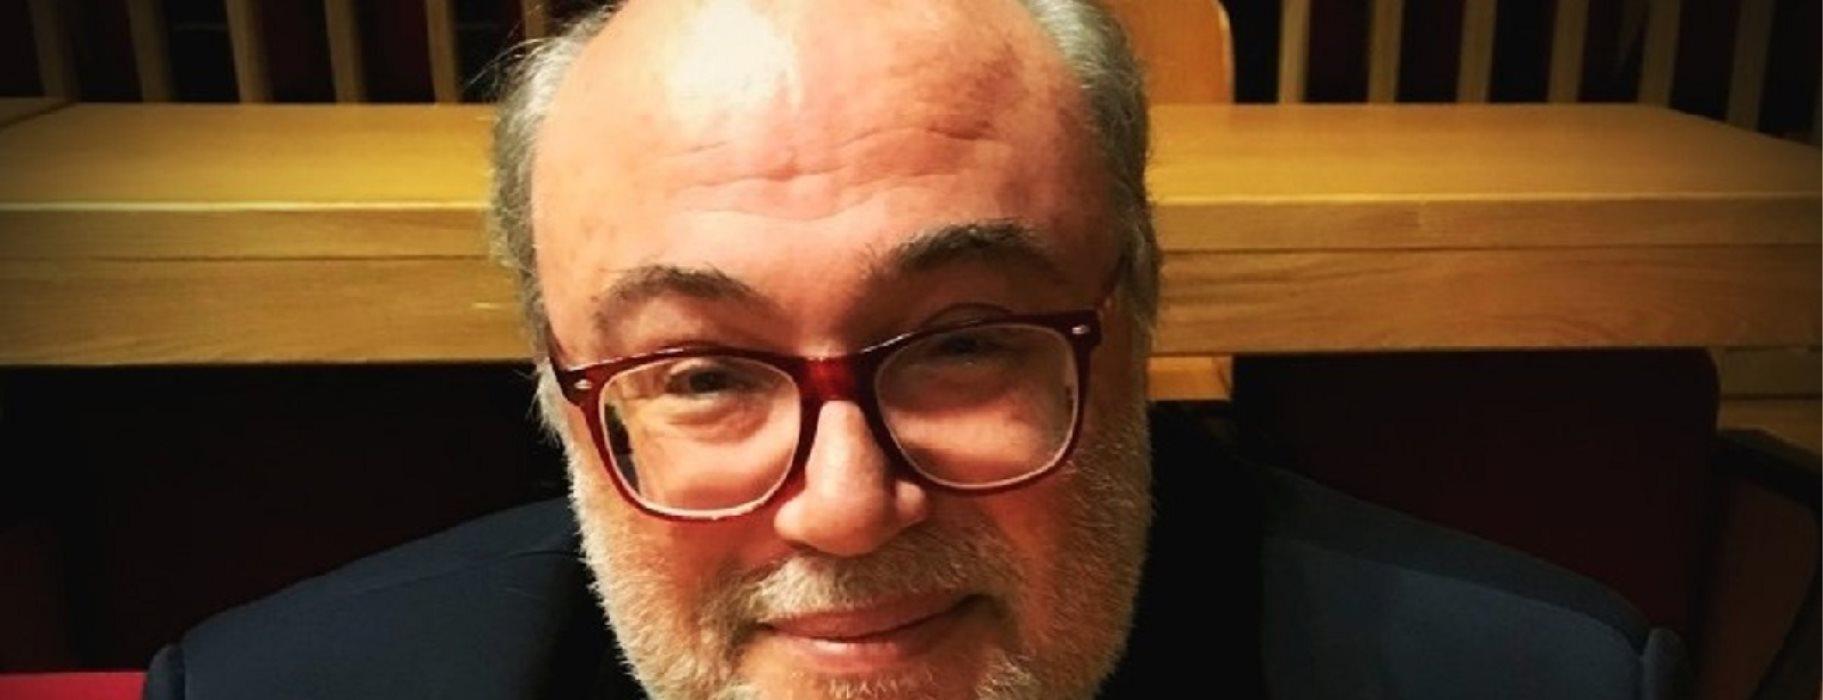 Γιάννης Δ. Παγορόπουλος: Ο εμπαιγμός 45.000 δικηγόρων…